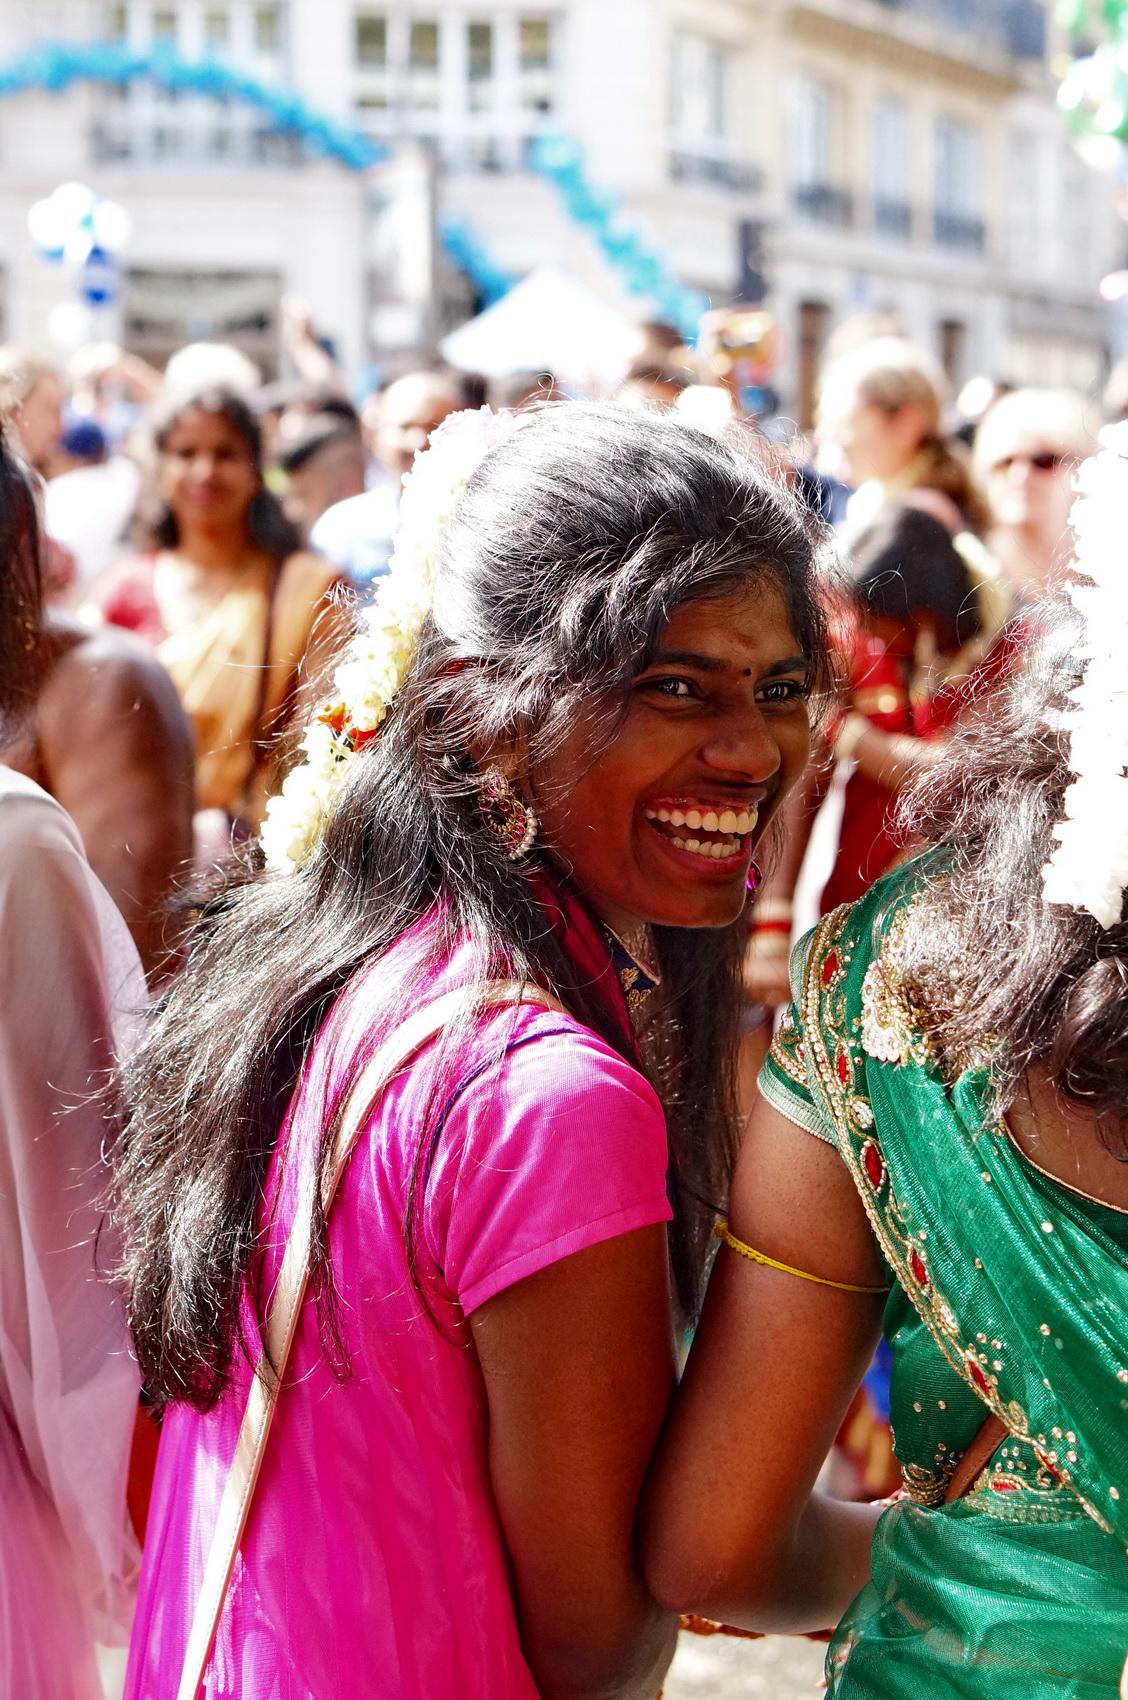 fête de ganesh, ganesha, paris indien, paris, paris insolite, cortège de ganesh